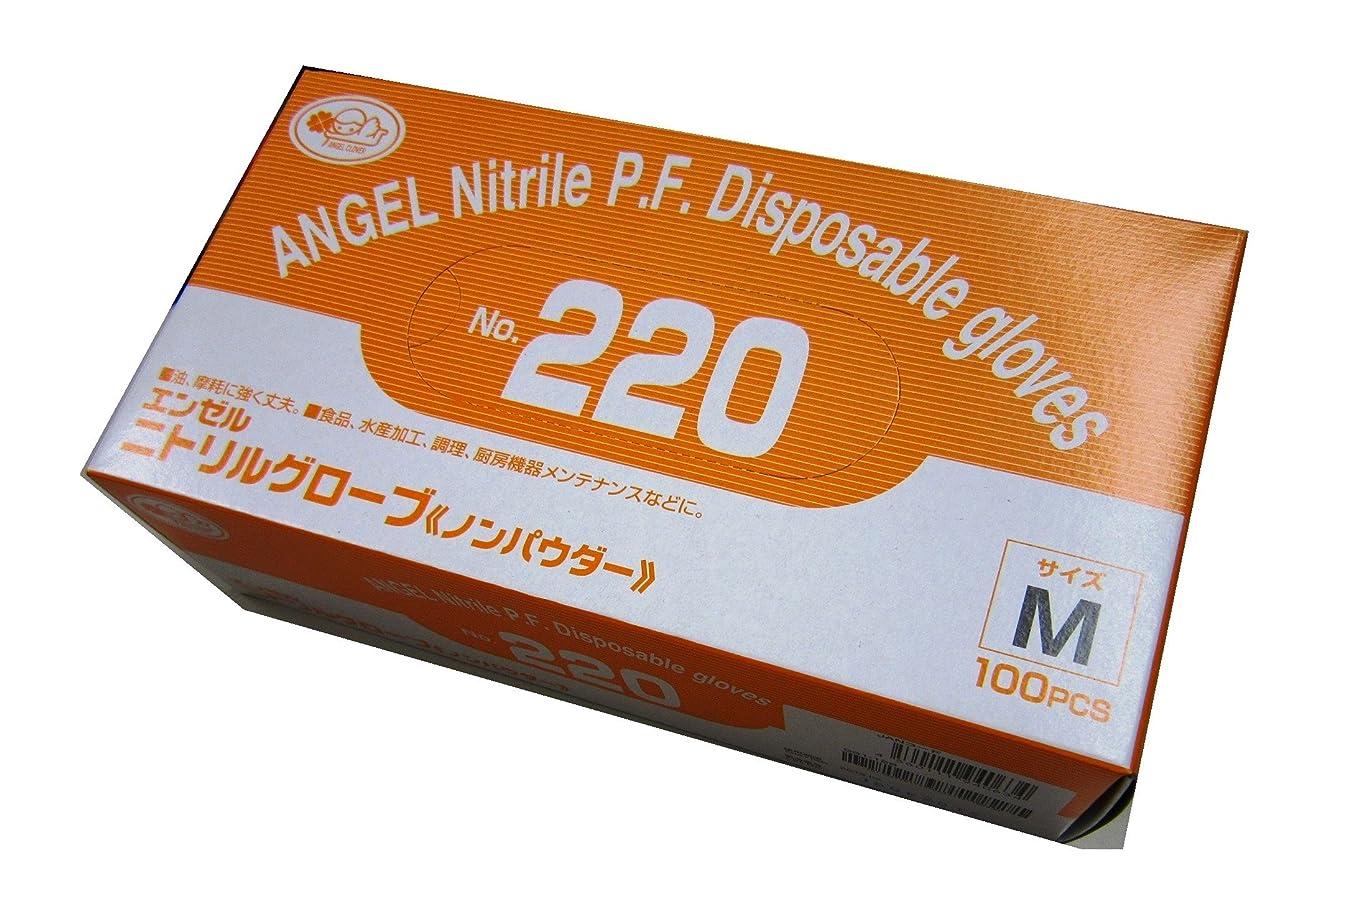 尋ねるソース陰気サンフラワー No.220 ニトリルグローブ ノンパウダー ホワイト 100枚入り (M)